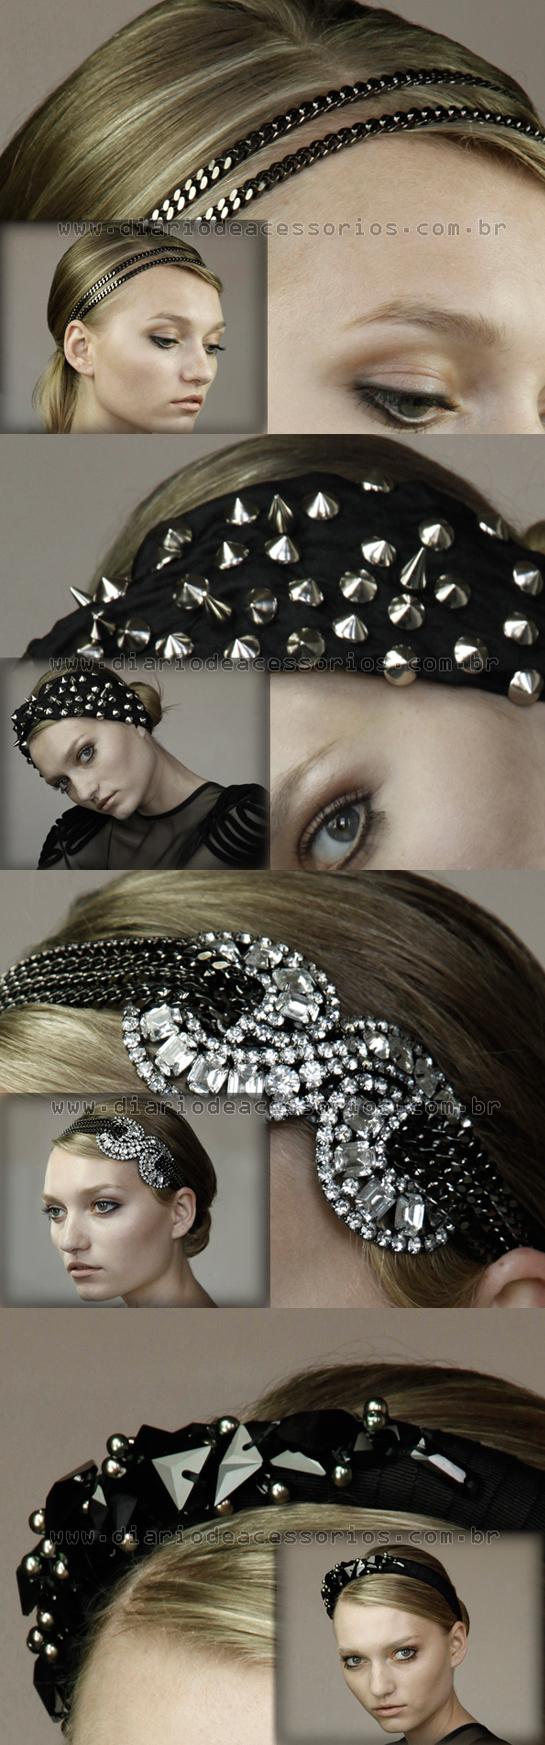 JenniferBehr Modelos